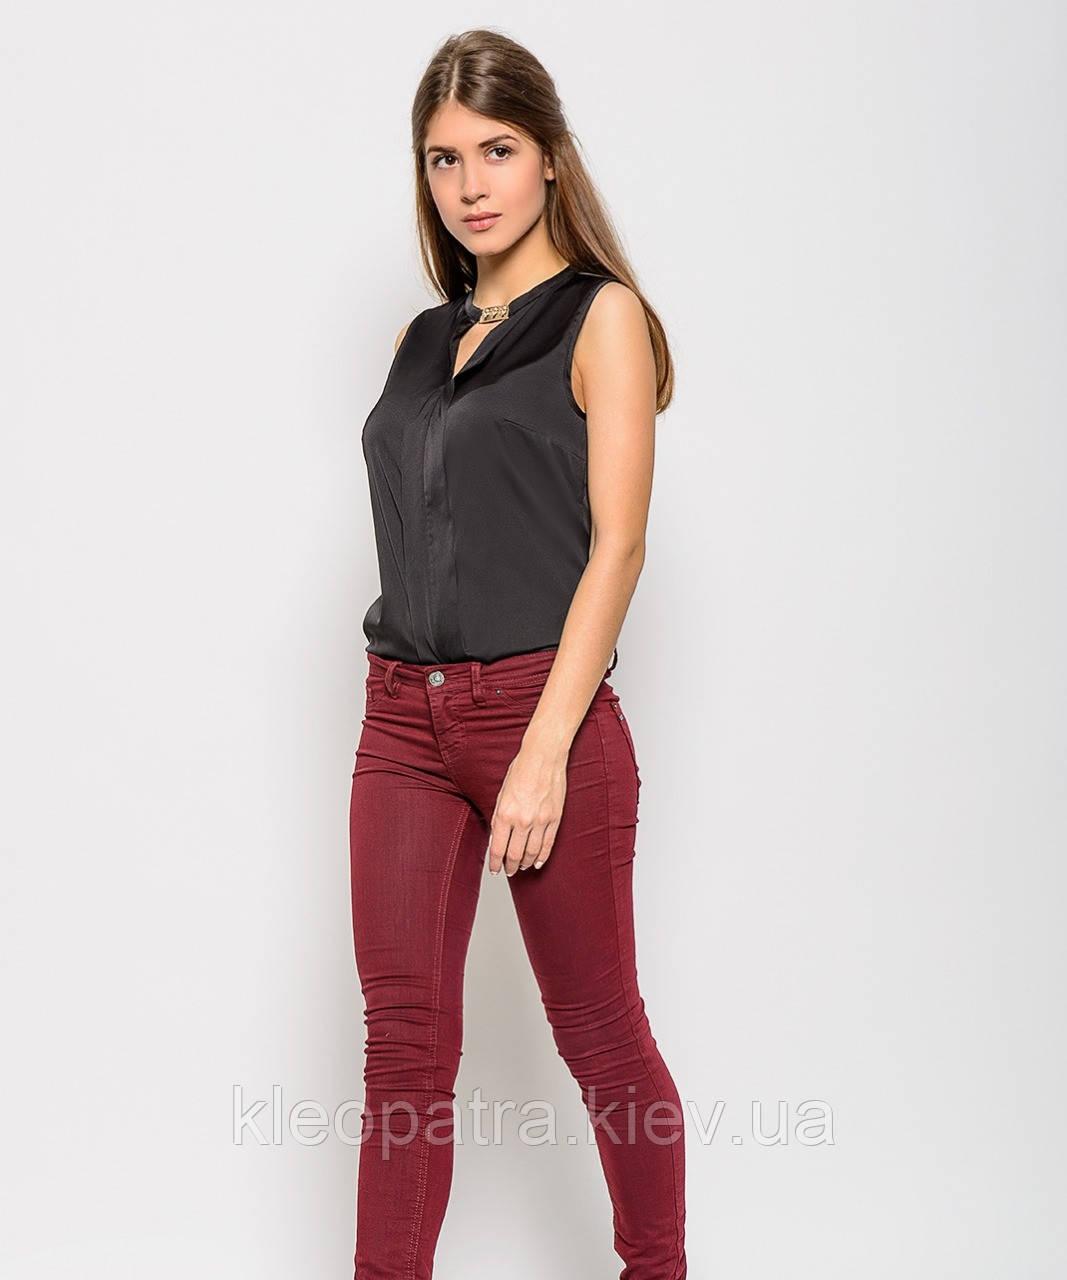 Блузка женская CARICA BK-7158